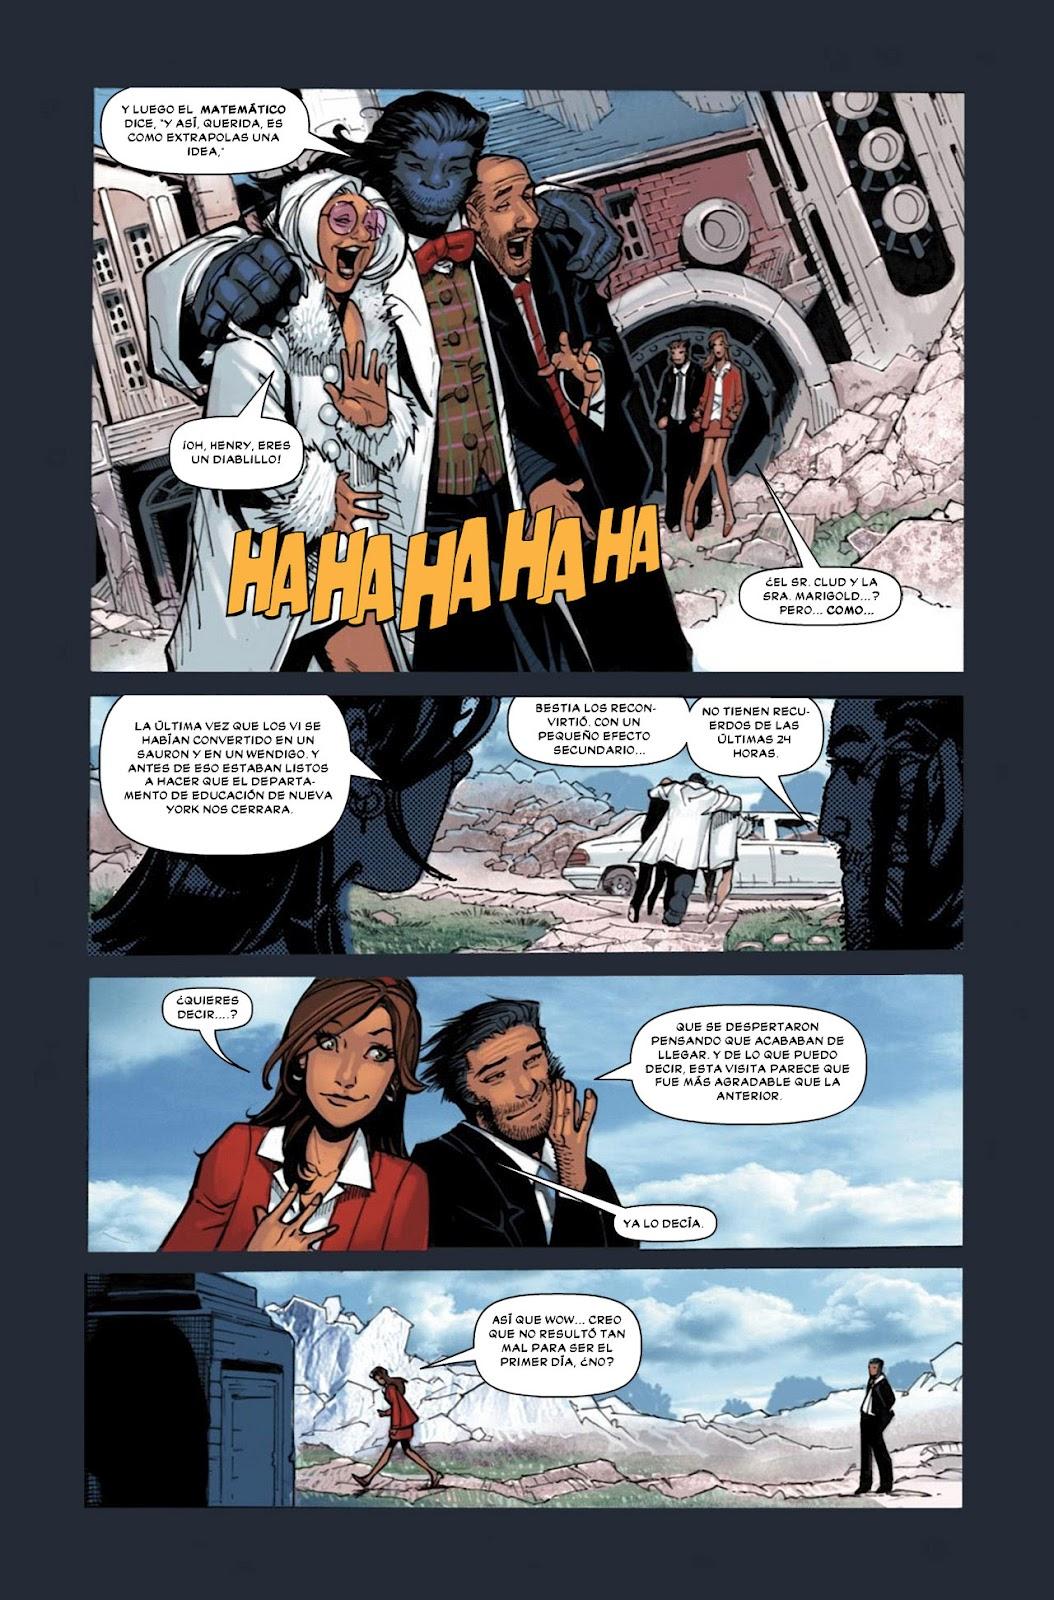 COMIC BOOK FAN AND LOVER: WOLVERINE Y LOS X-MEN # 3 – MARVEL COMICS